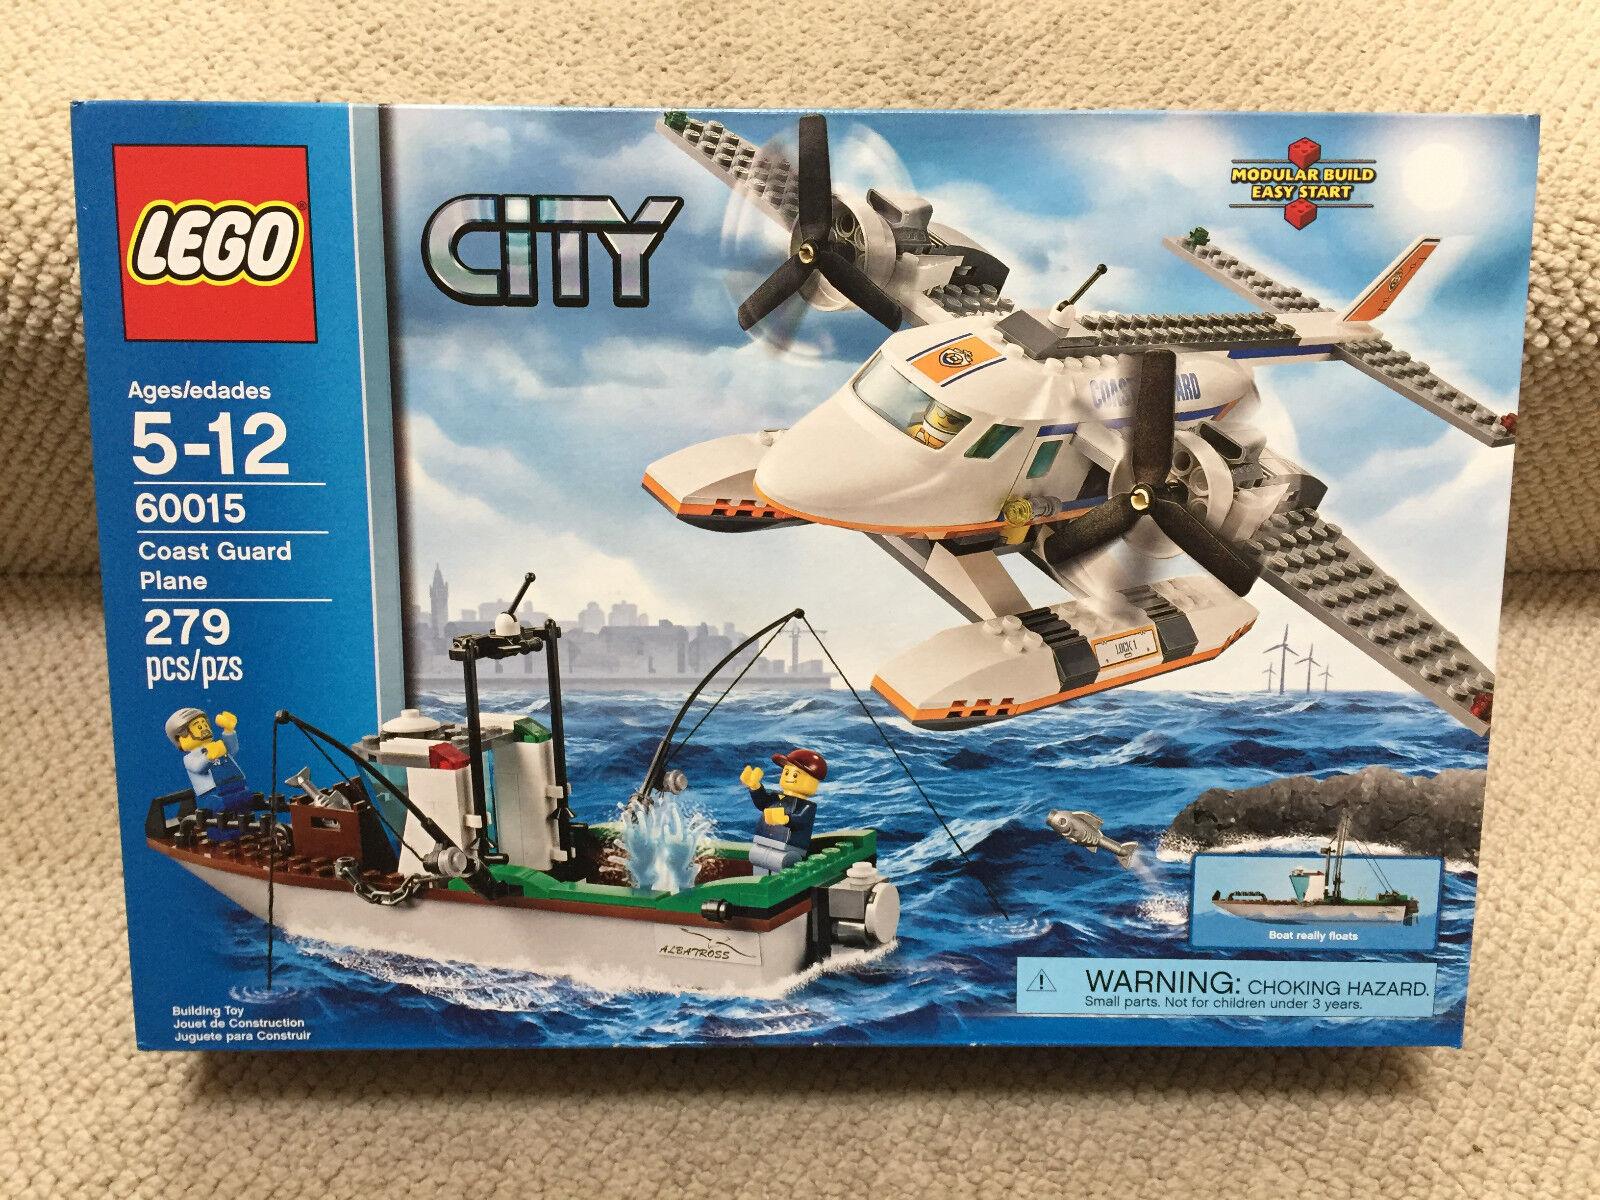 Nuevo Lego City Guardacostas avión (60015) retirado y difícil de encontrar Juguete Set difícil de encontrar